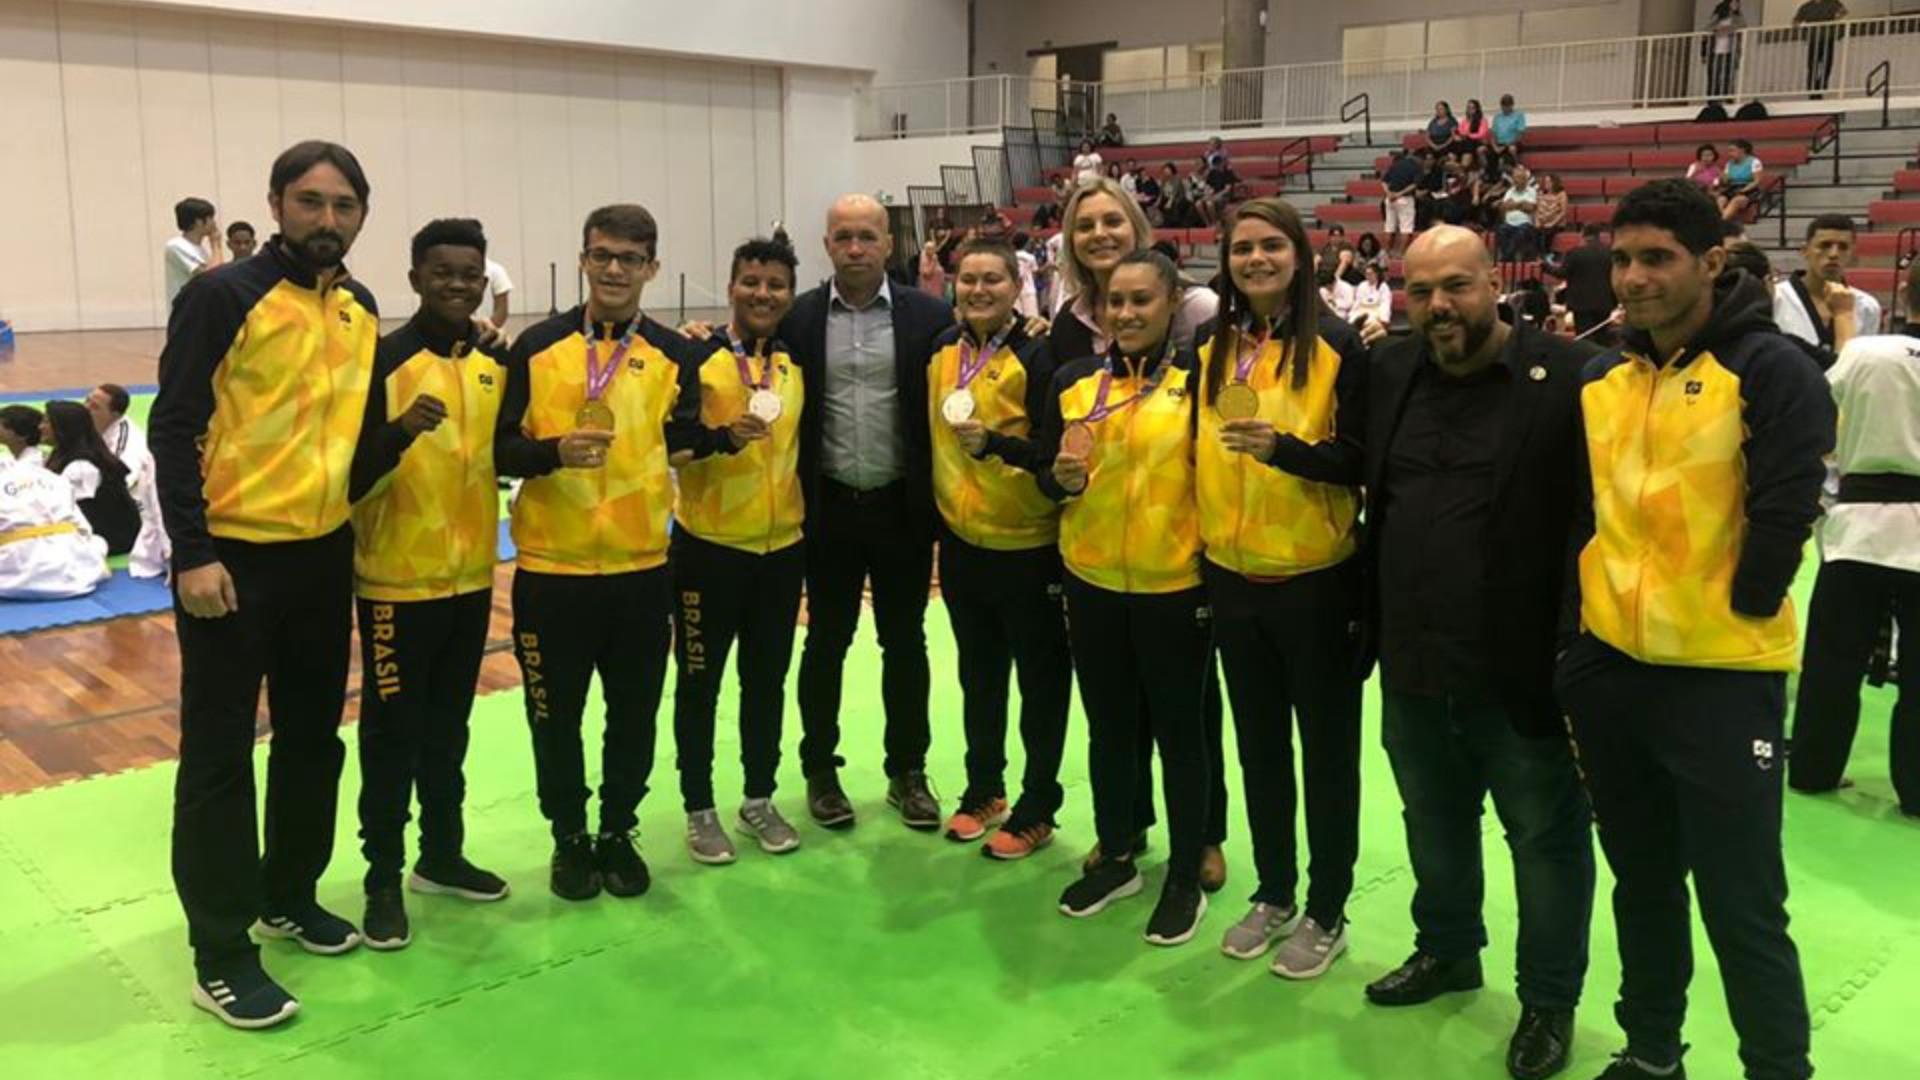 CBTKD announce qualification event for Brazilian Para-taekwondo squad